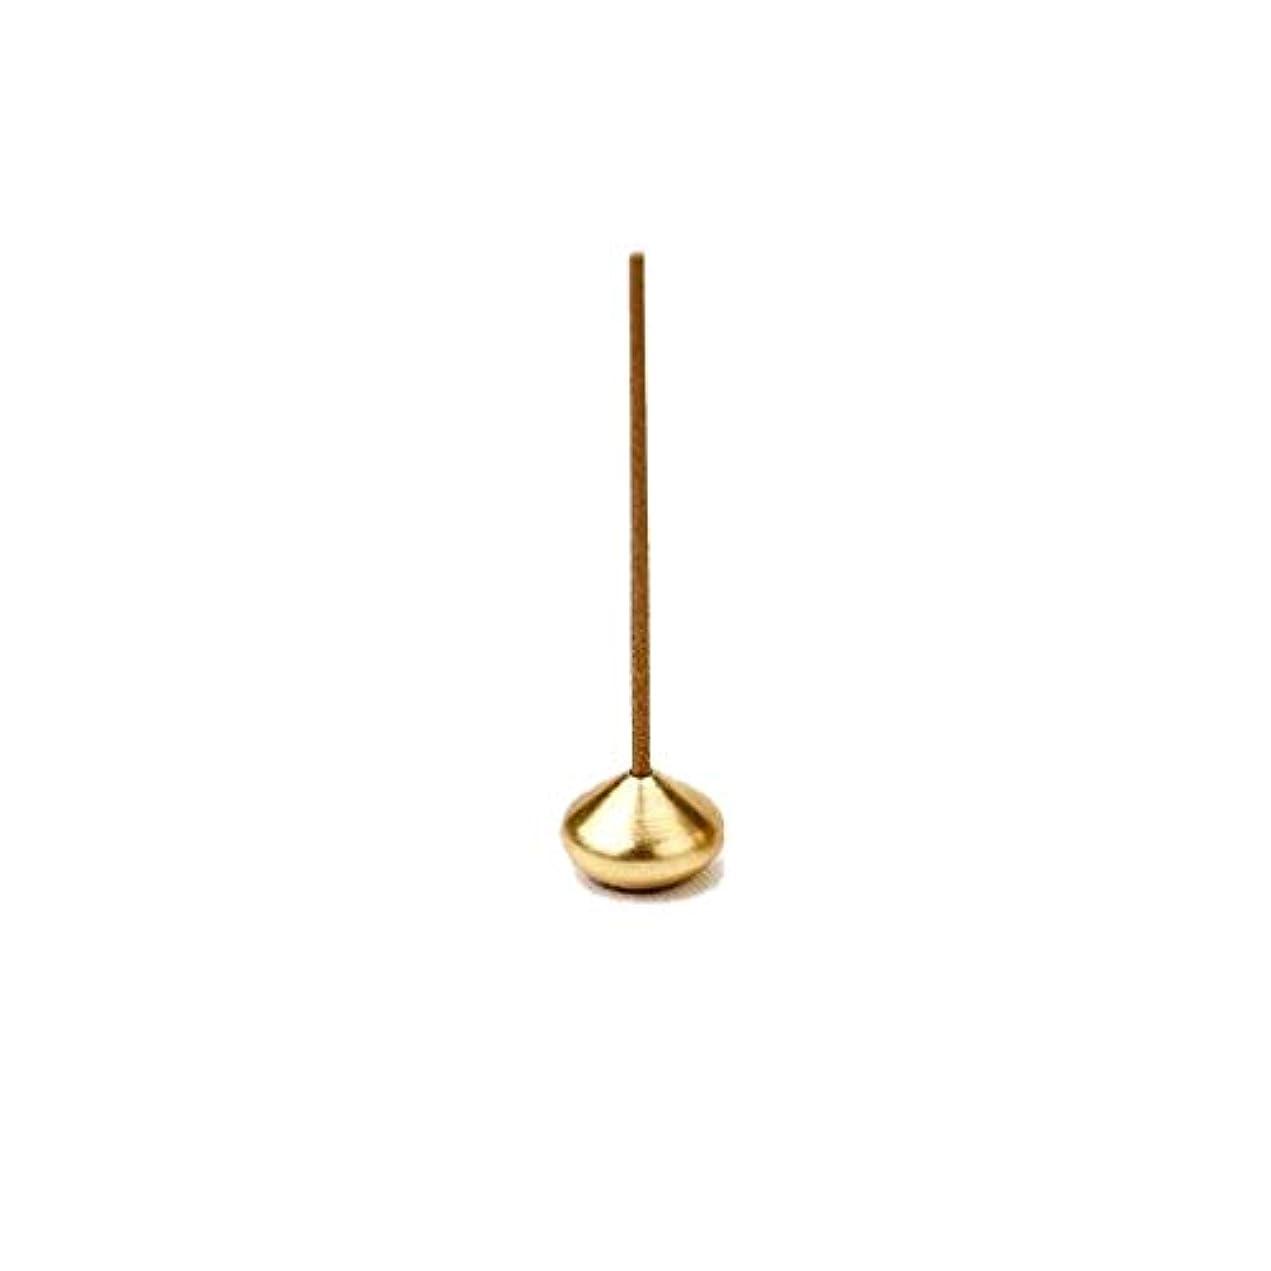 性的広大な分離する銅香炉ラウンドひょうたん型香スティックコイルボトルバーナーホルダー多孔性香ホルダーホームフレグランス (Color : B)